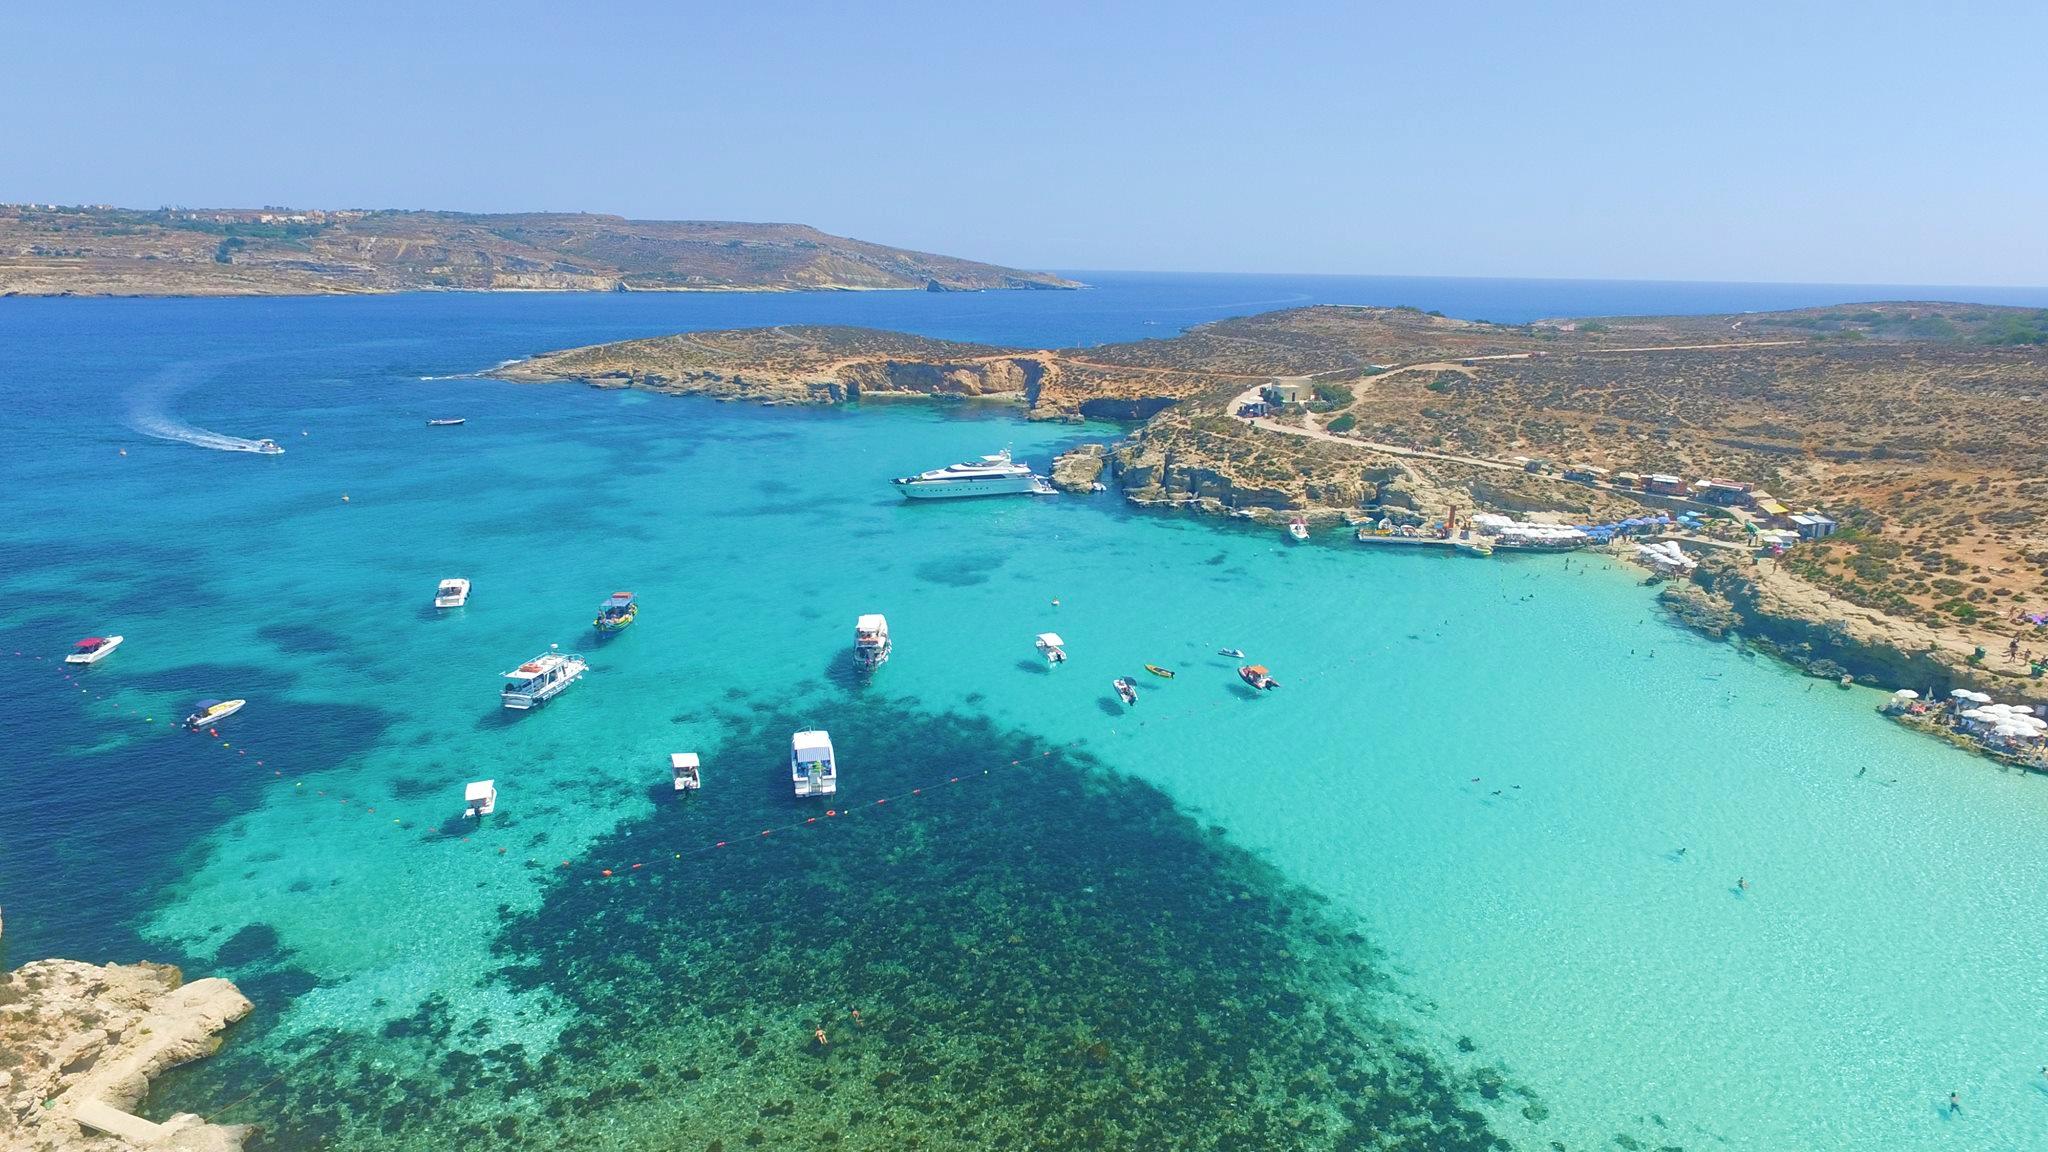 O que fazer em Blue Lagoon, Comino? Como chegar lá a partir de Malta?